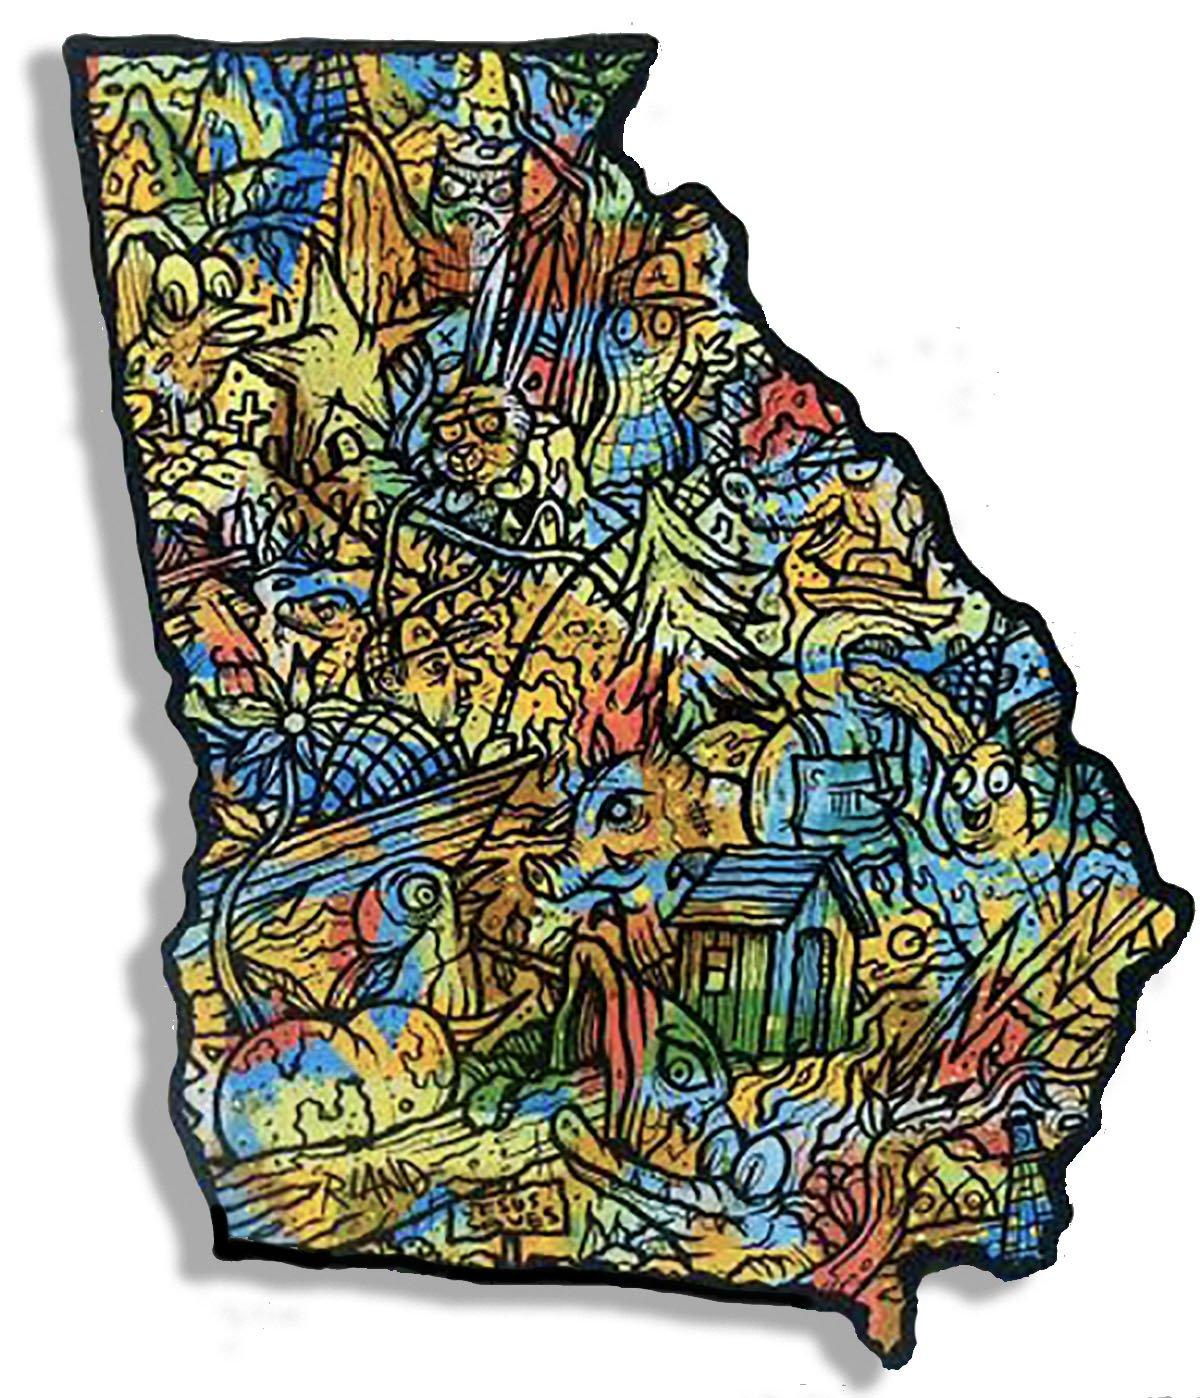 Image of Georgia Land Wall Art - Larger Version